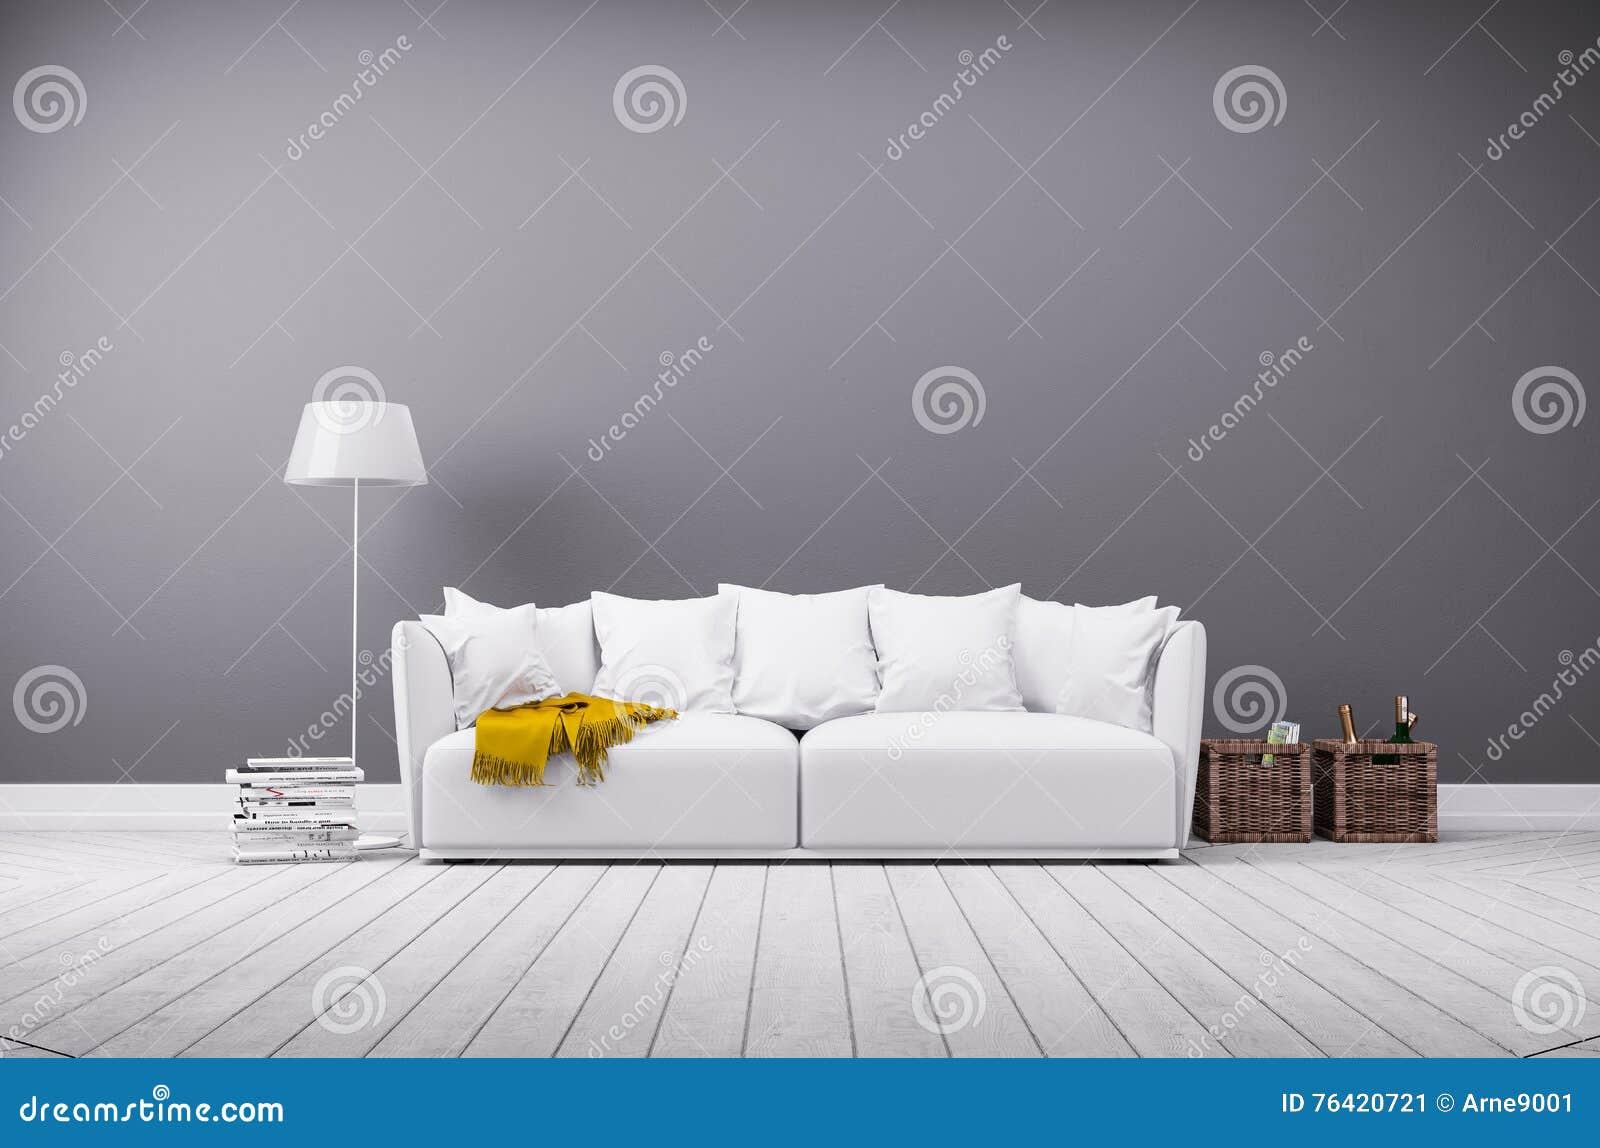 Minimalistic样式的现代客厅与沙发